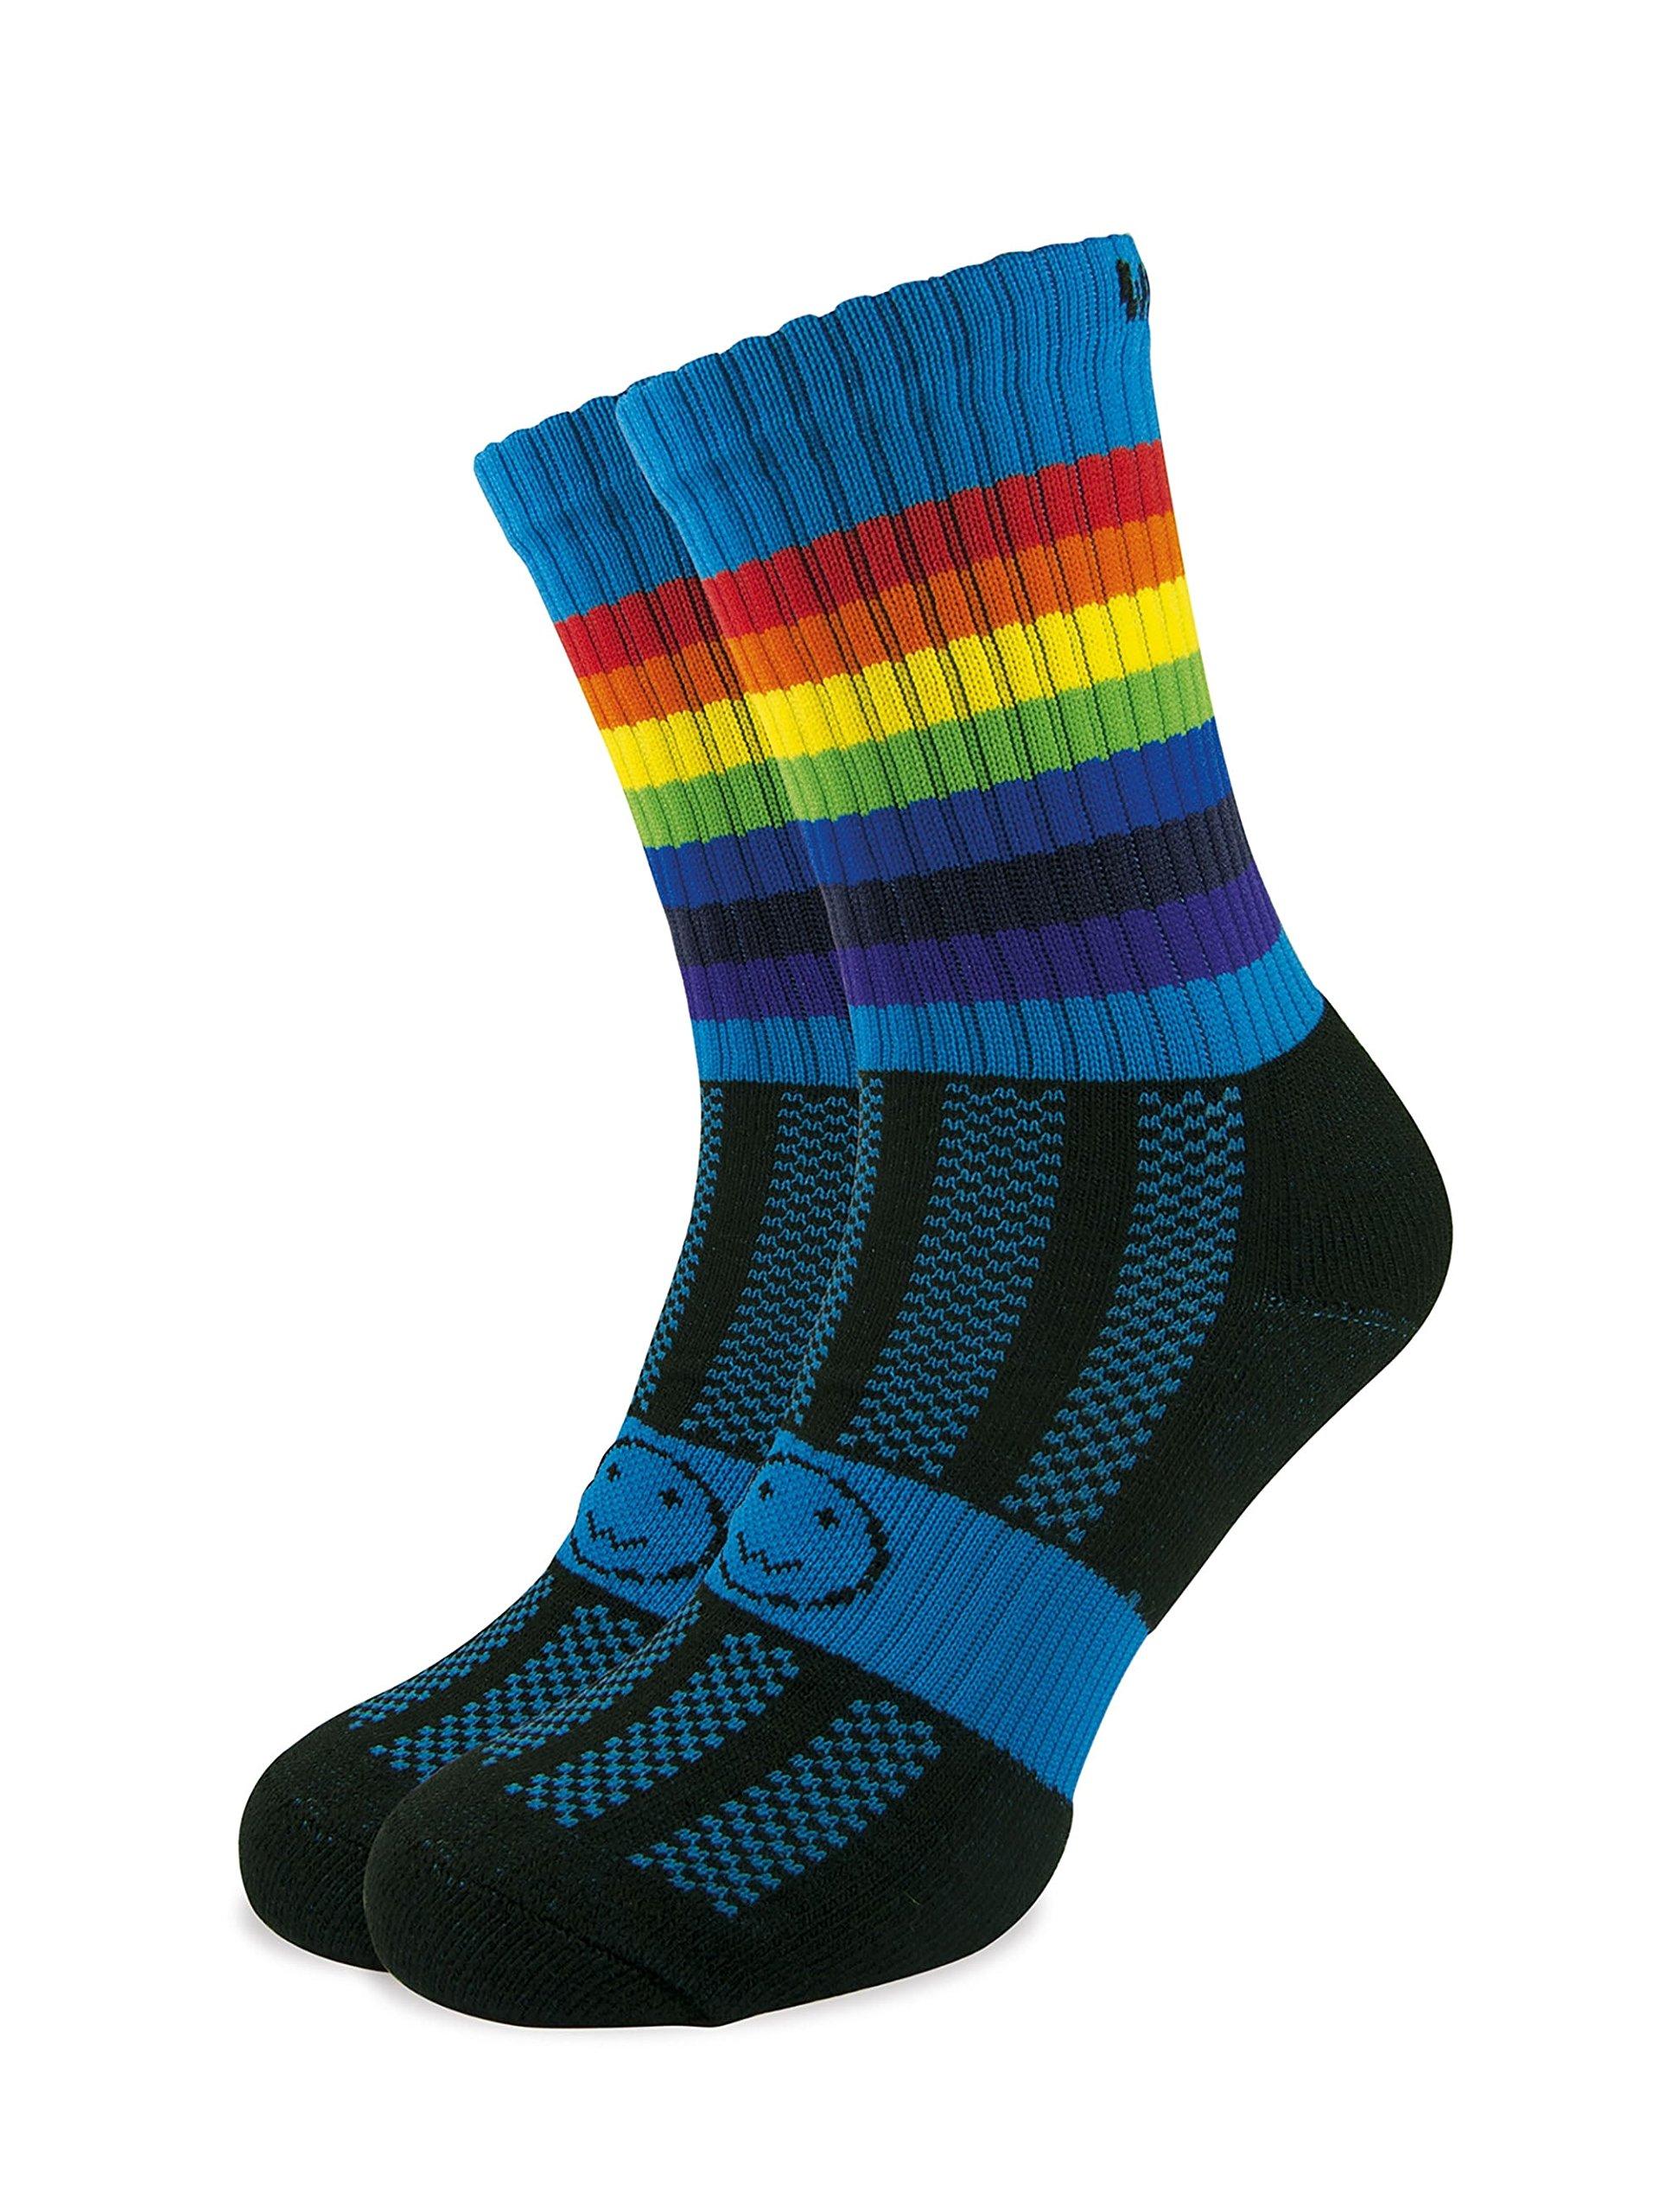 WackySox Wackysox Three Pairs Supersaver Pink Rainbow Calf Sports Socks